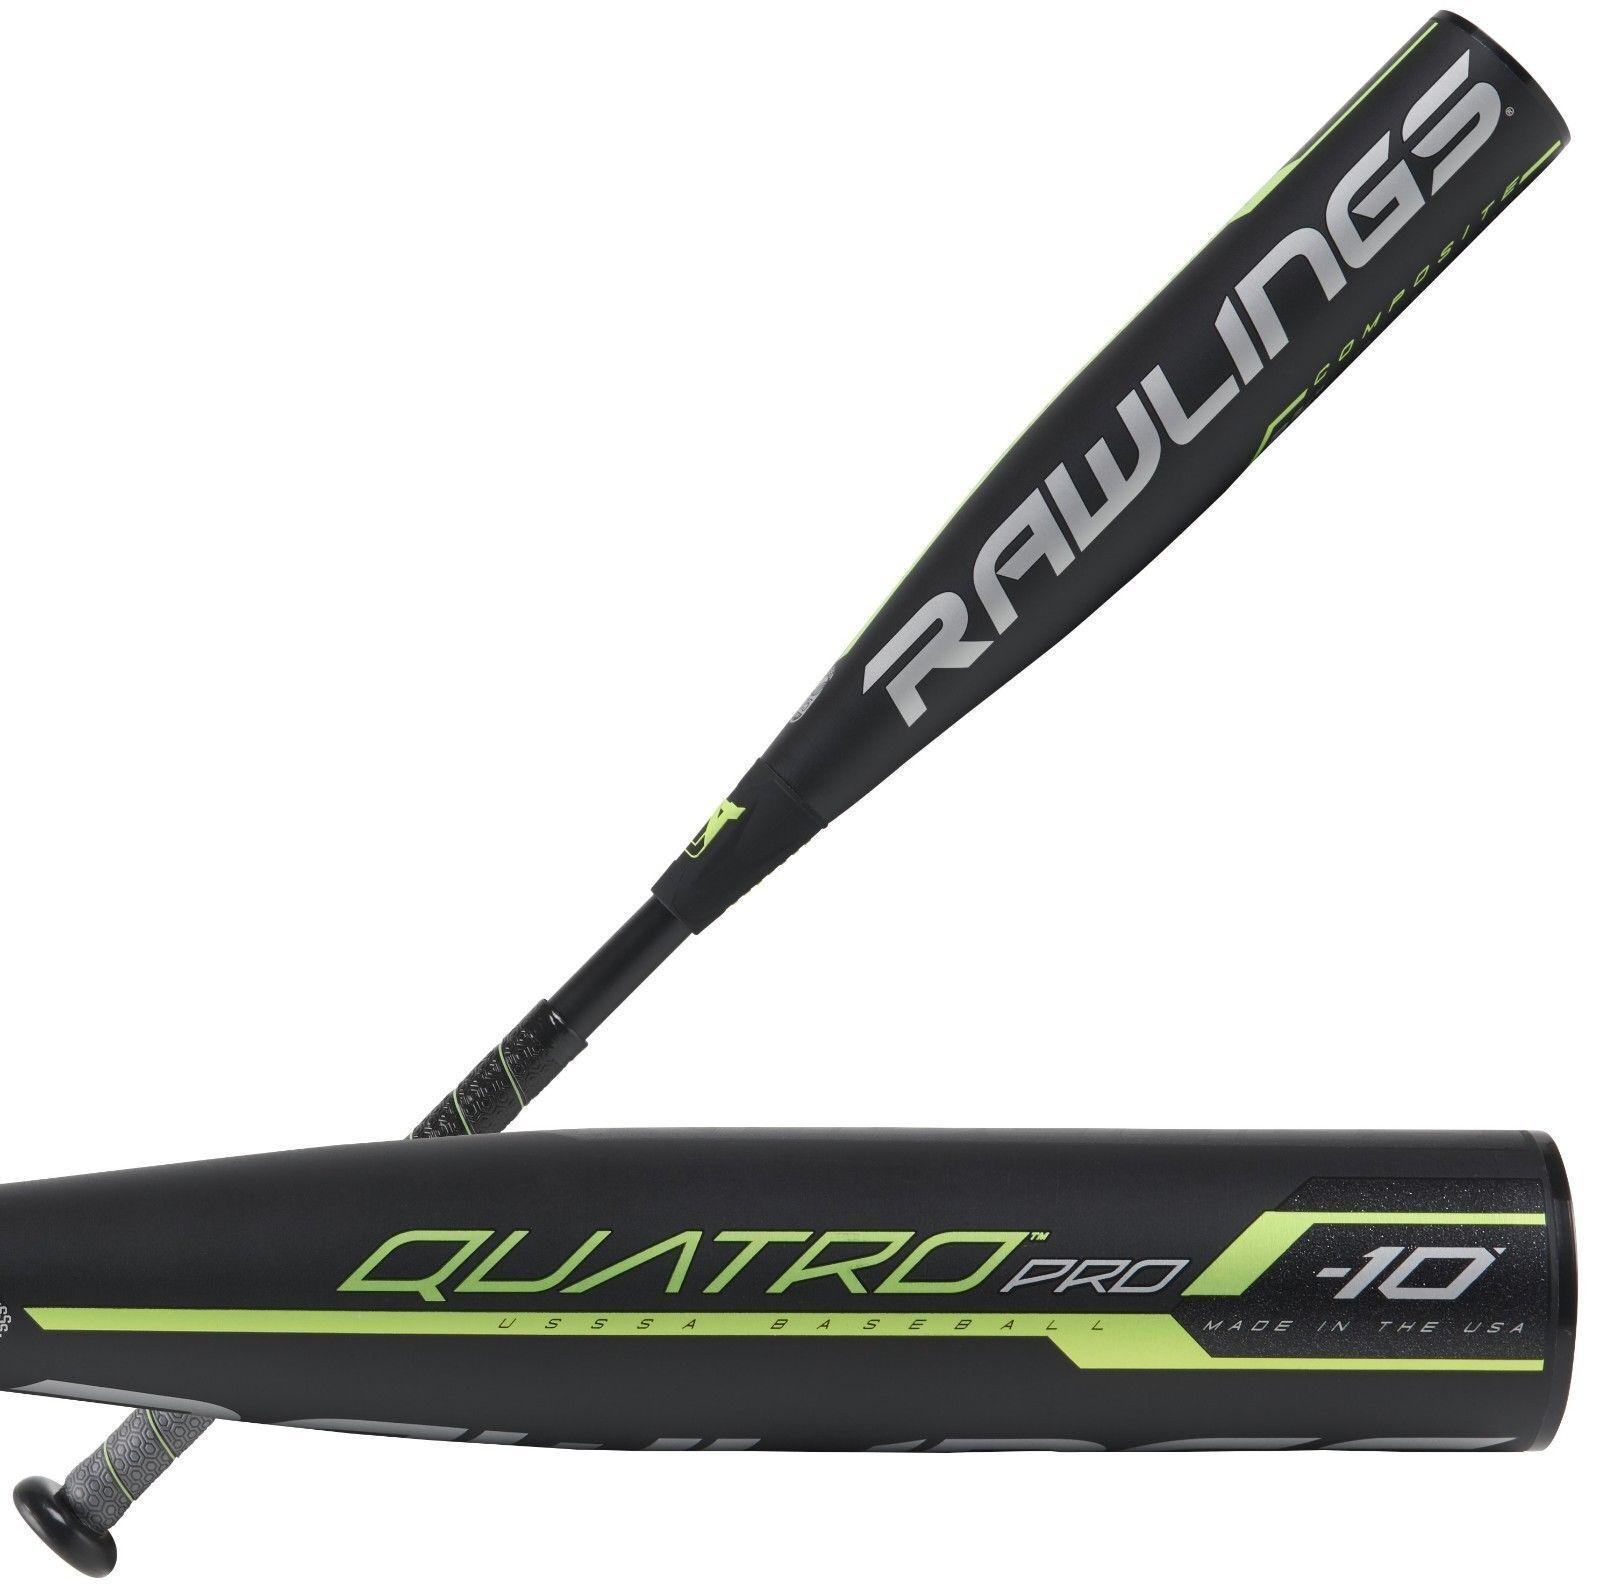 2019 Rawlings Quatro oz. Pro -10 28